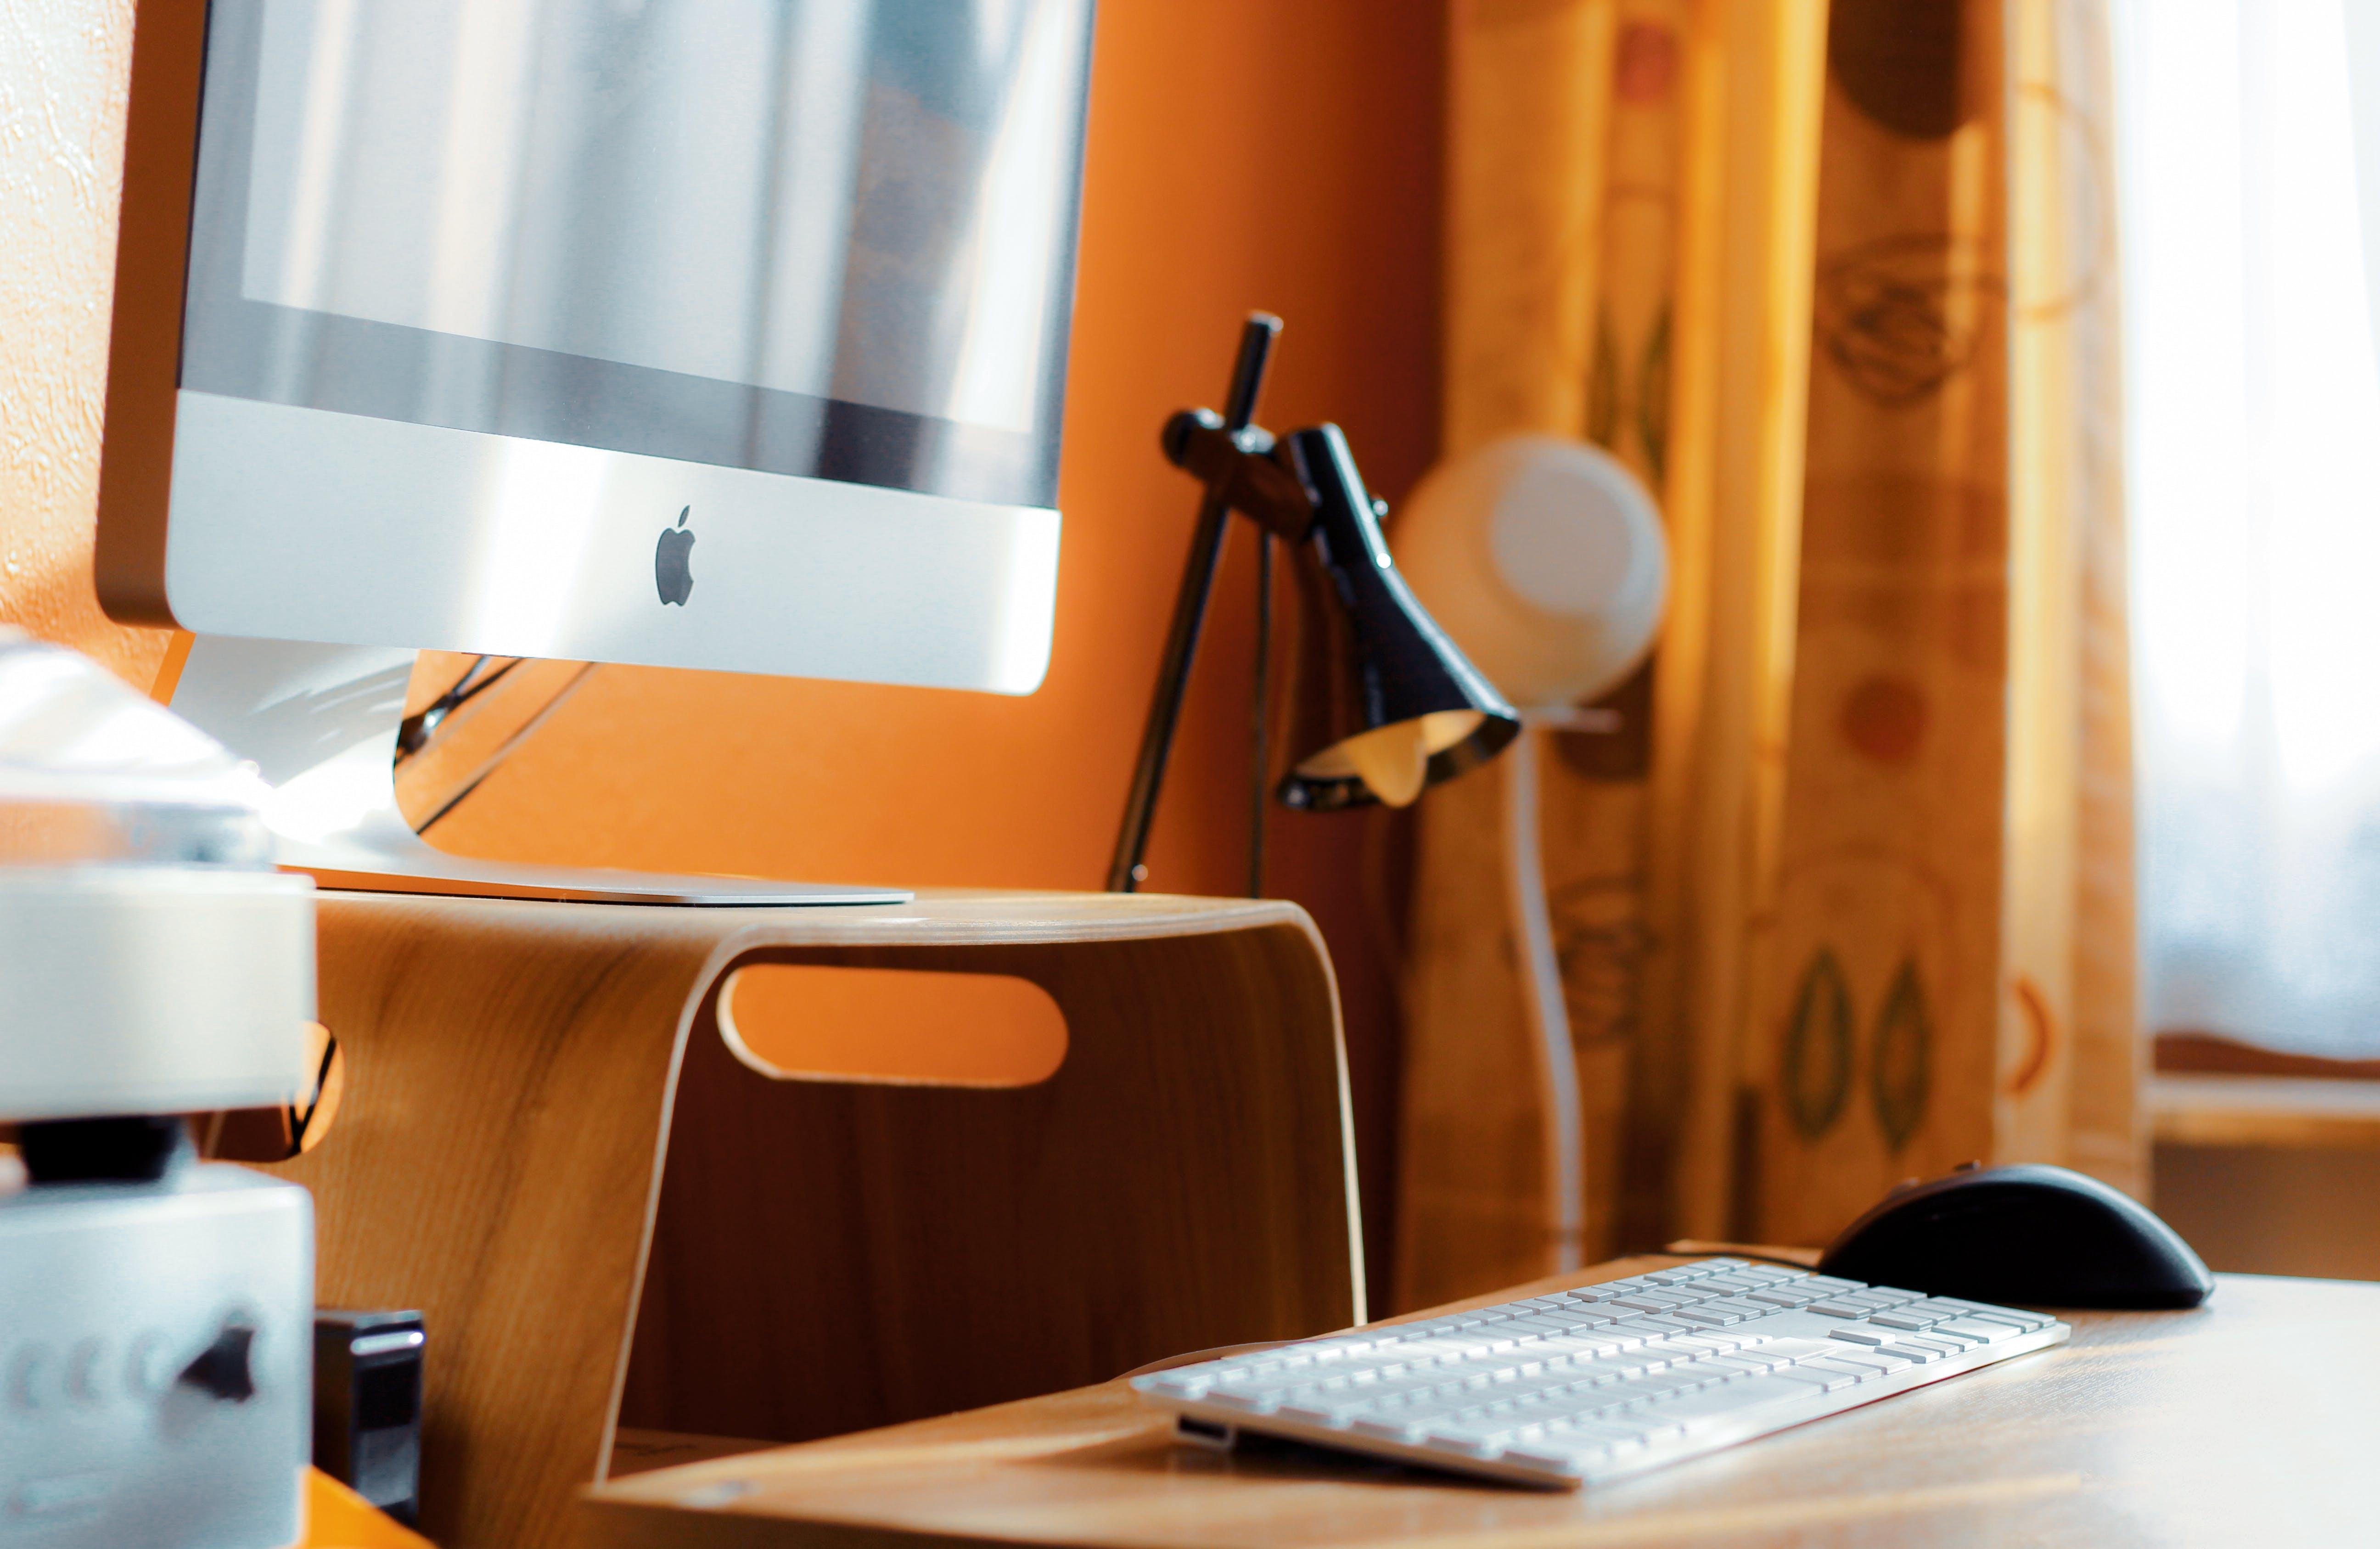 iMac, mac, ぼかし